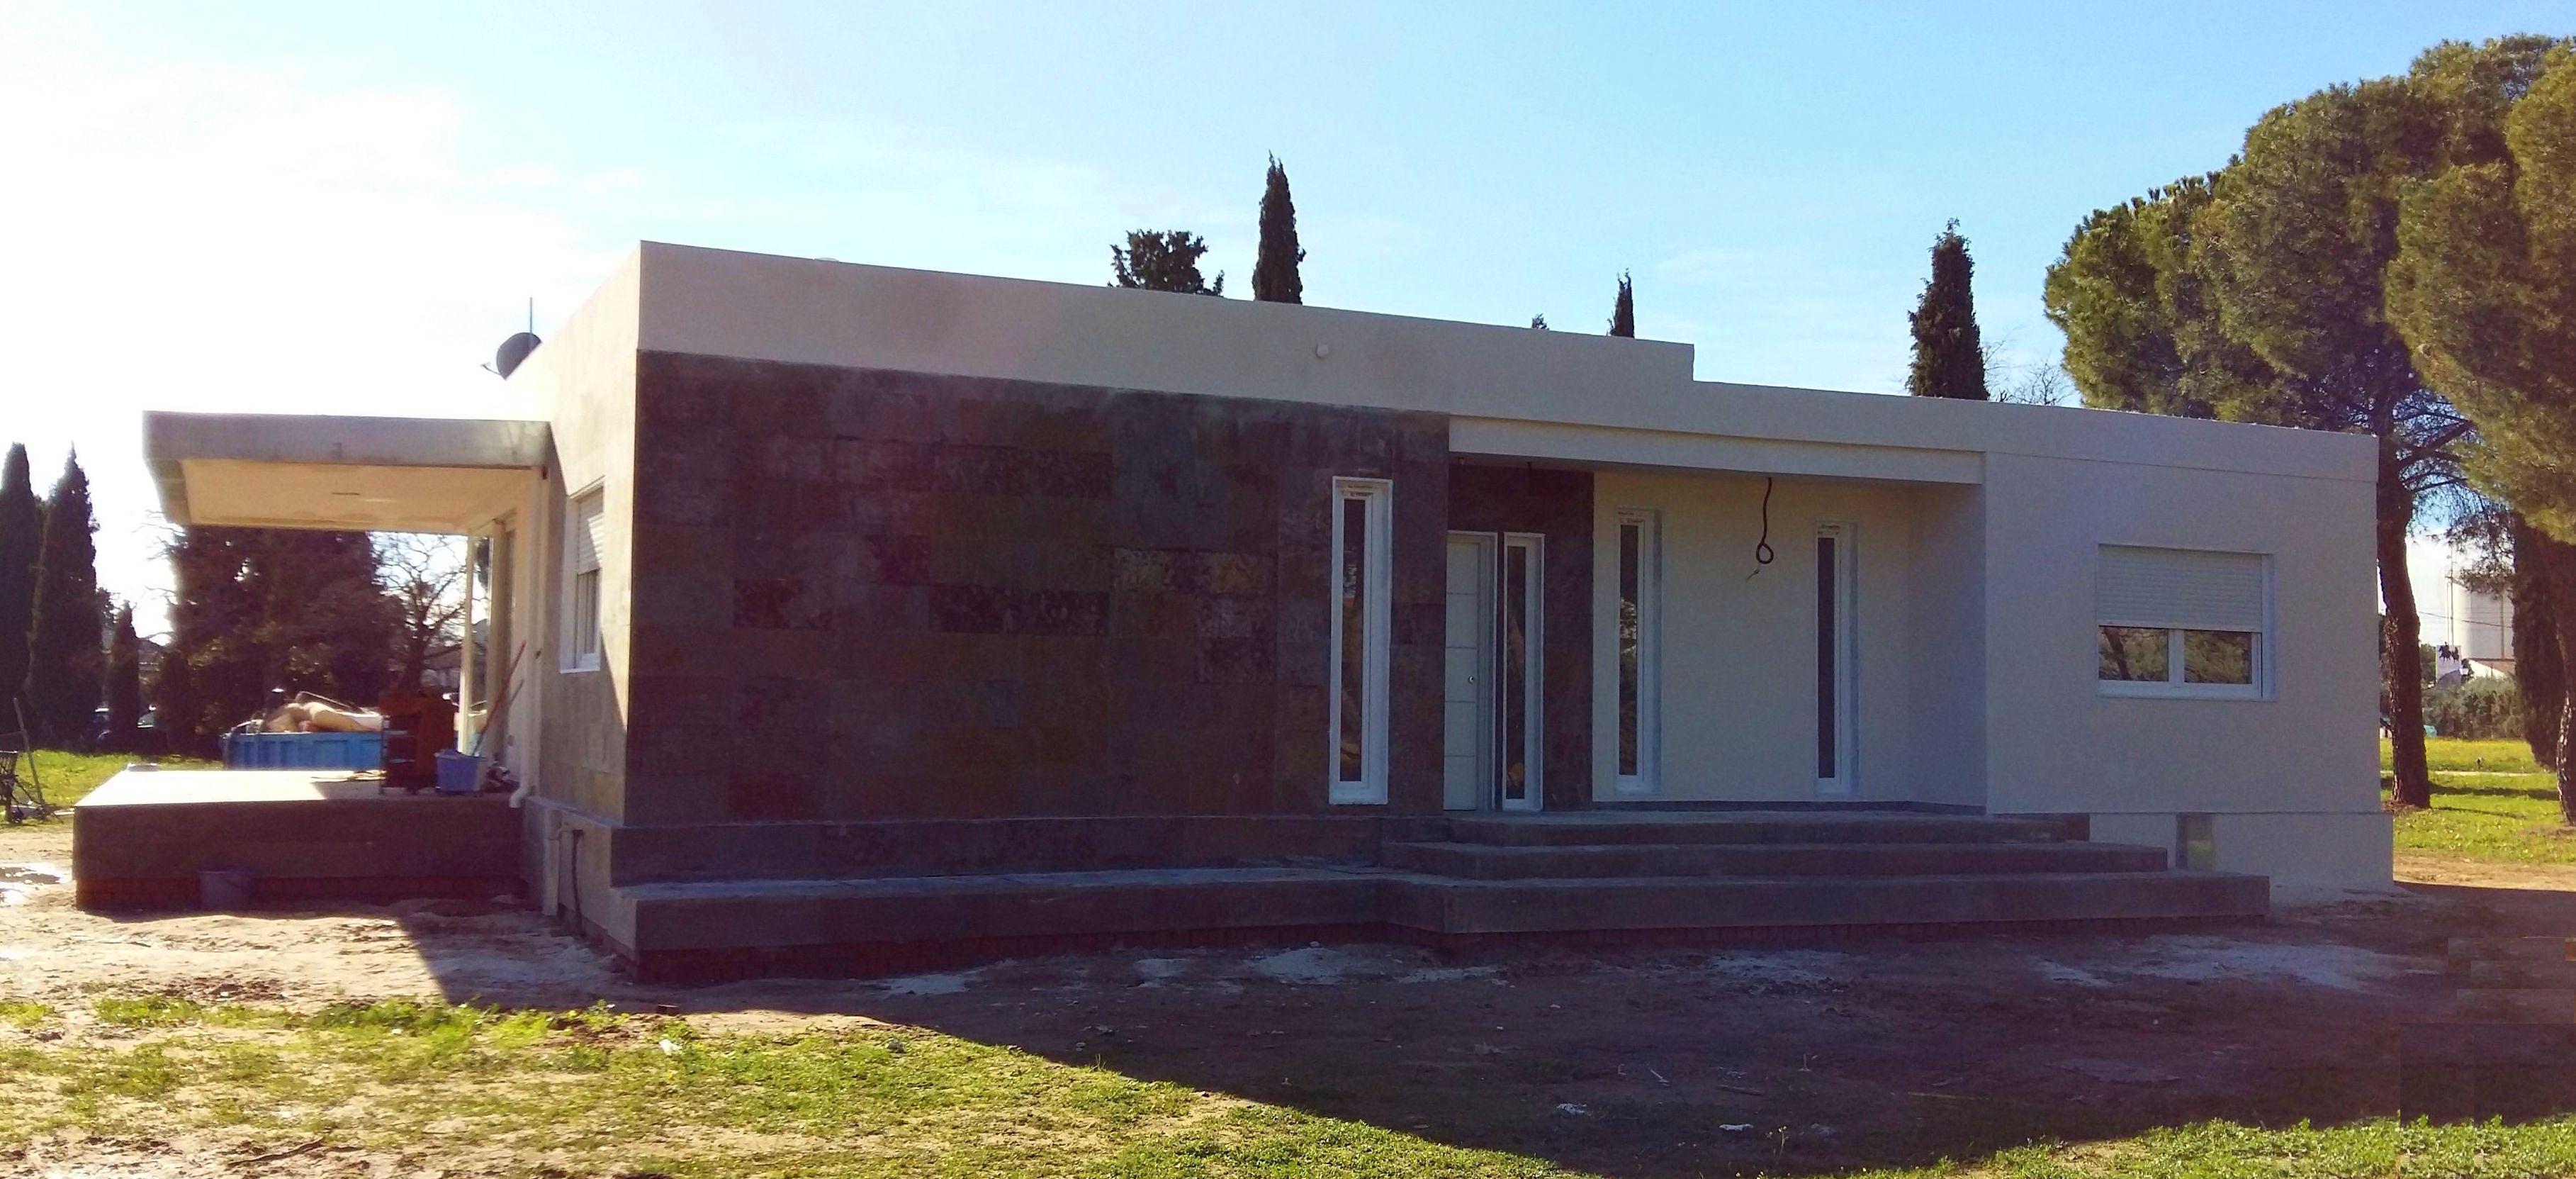 Foto 8 de Casas prefabricadas en Humanes | Wigarma